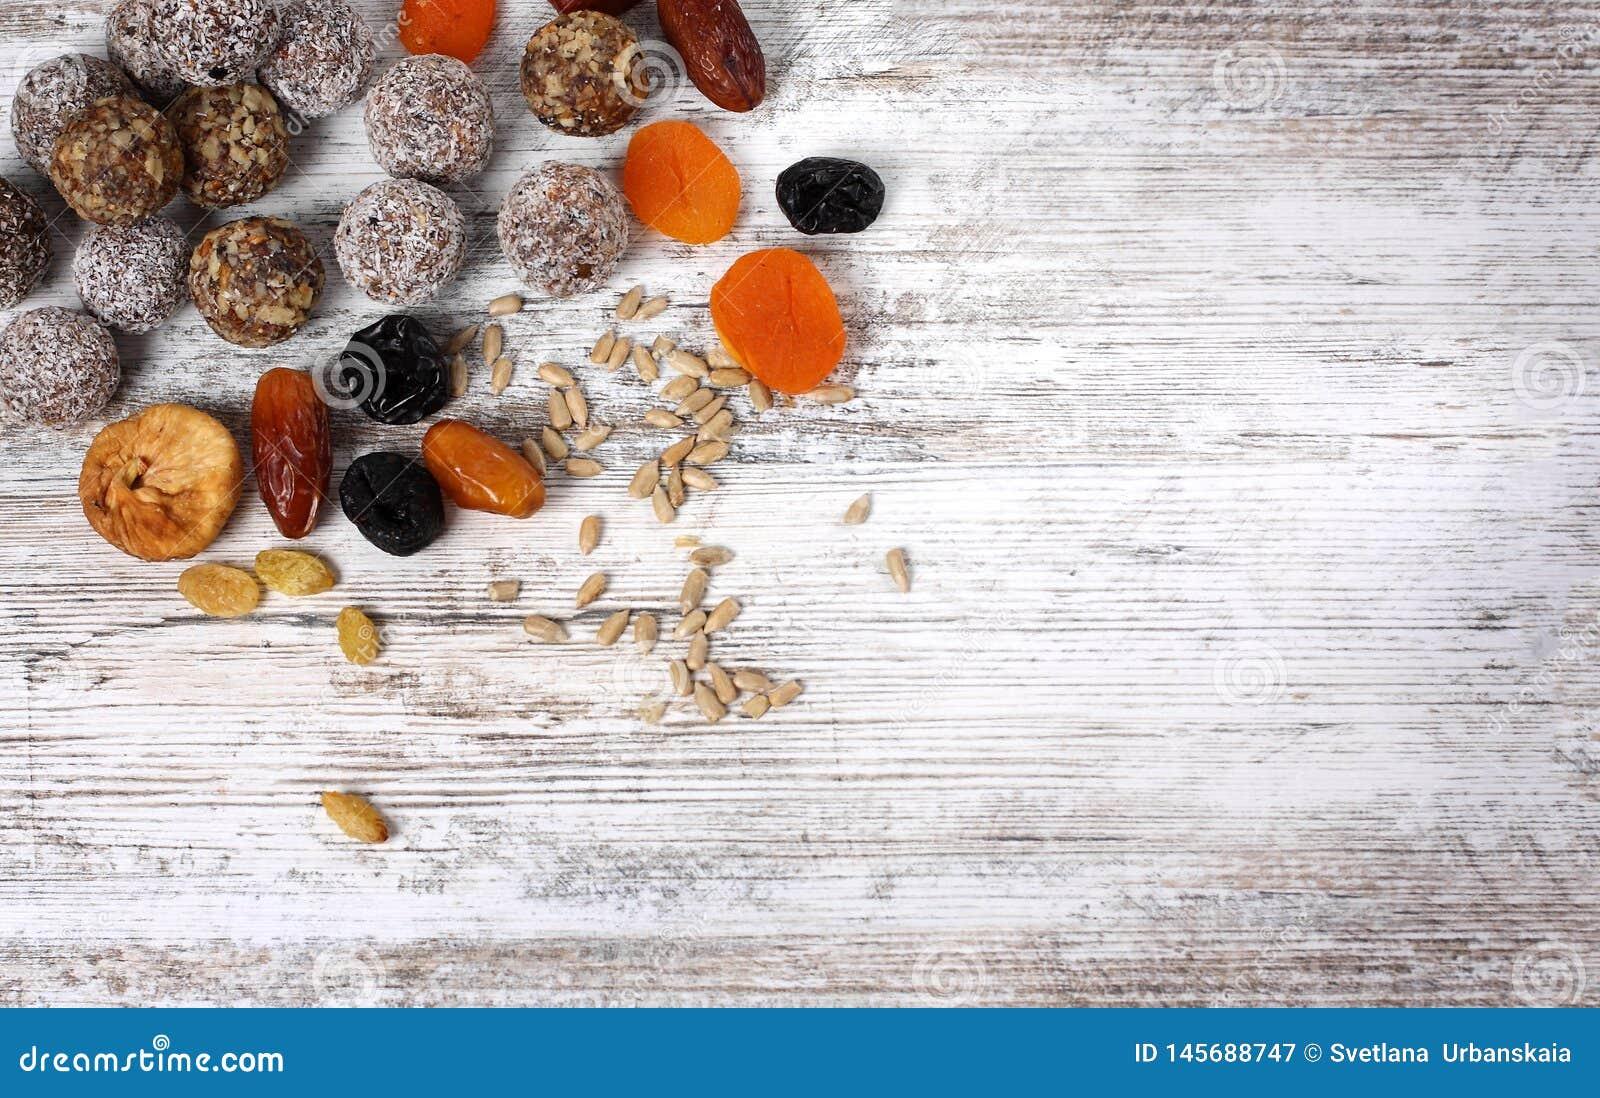 Sucreries faites maison saines colorées avec des écrous, fruits secs